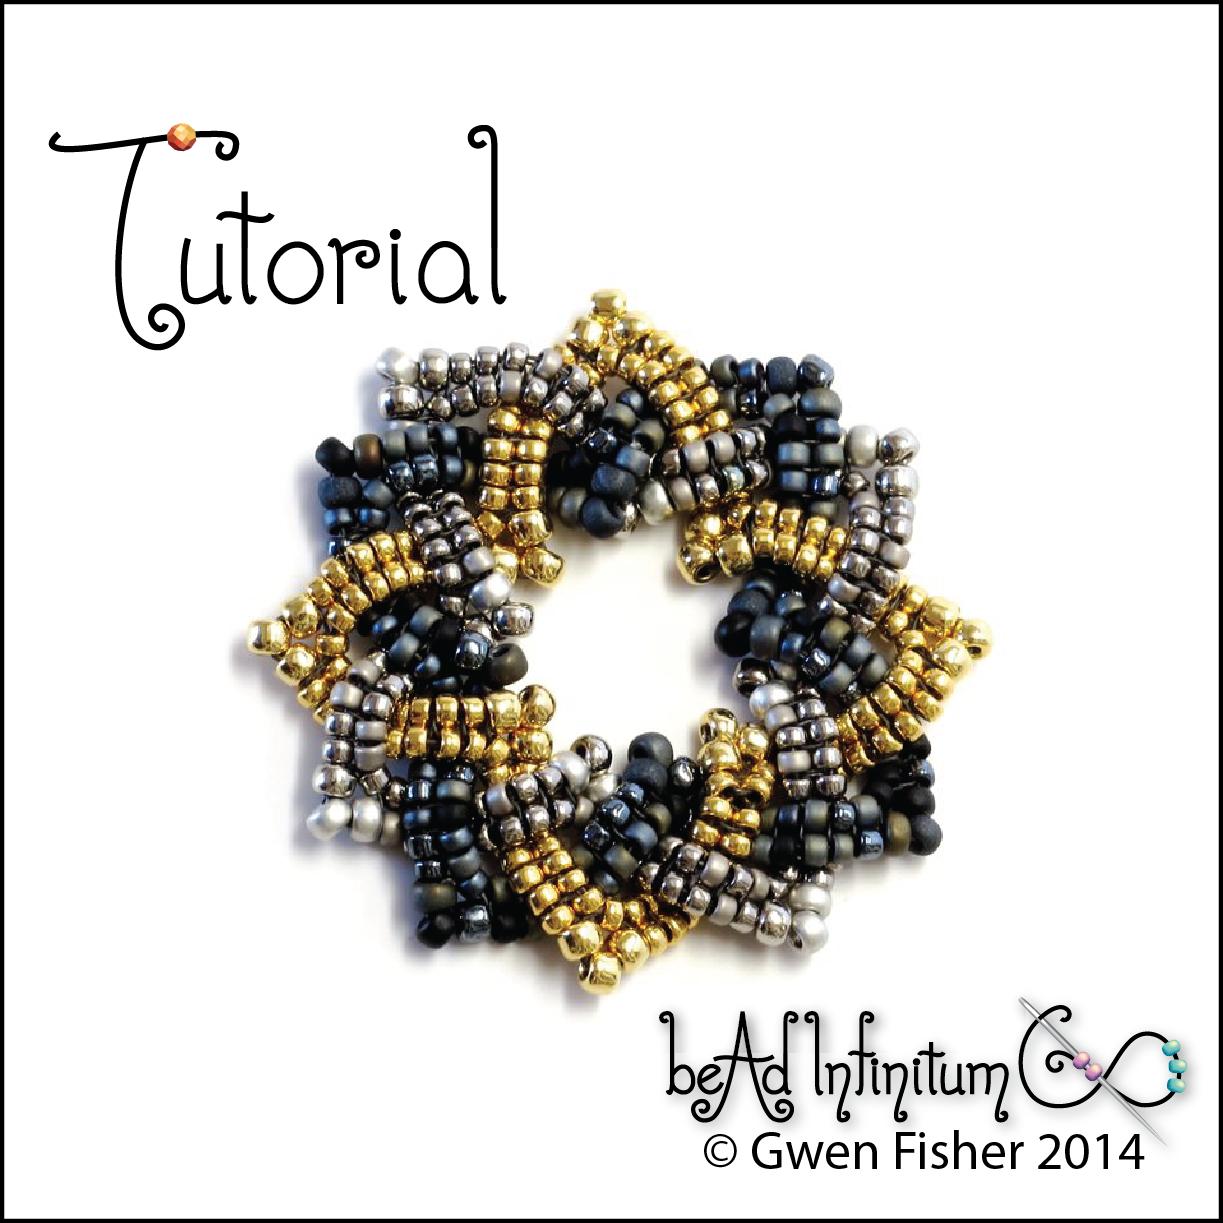 Rowan bead: weaving scheme and master class